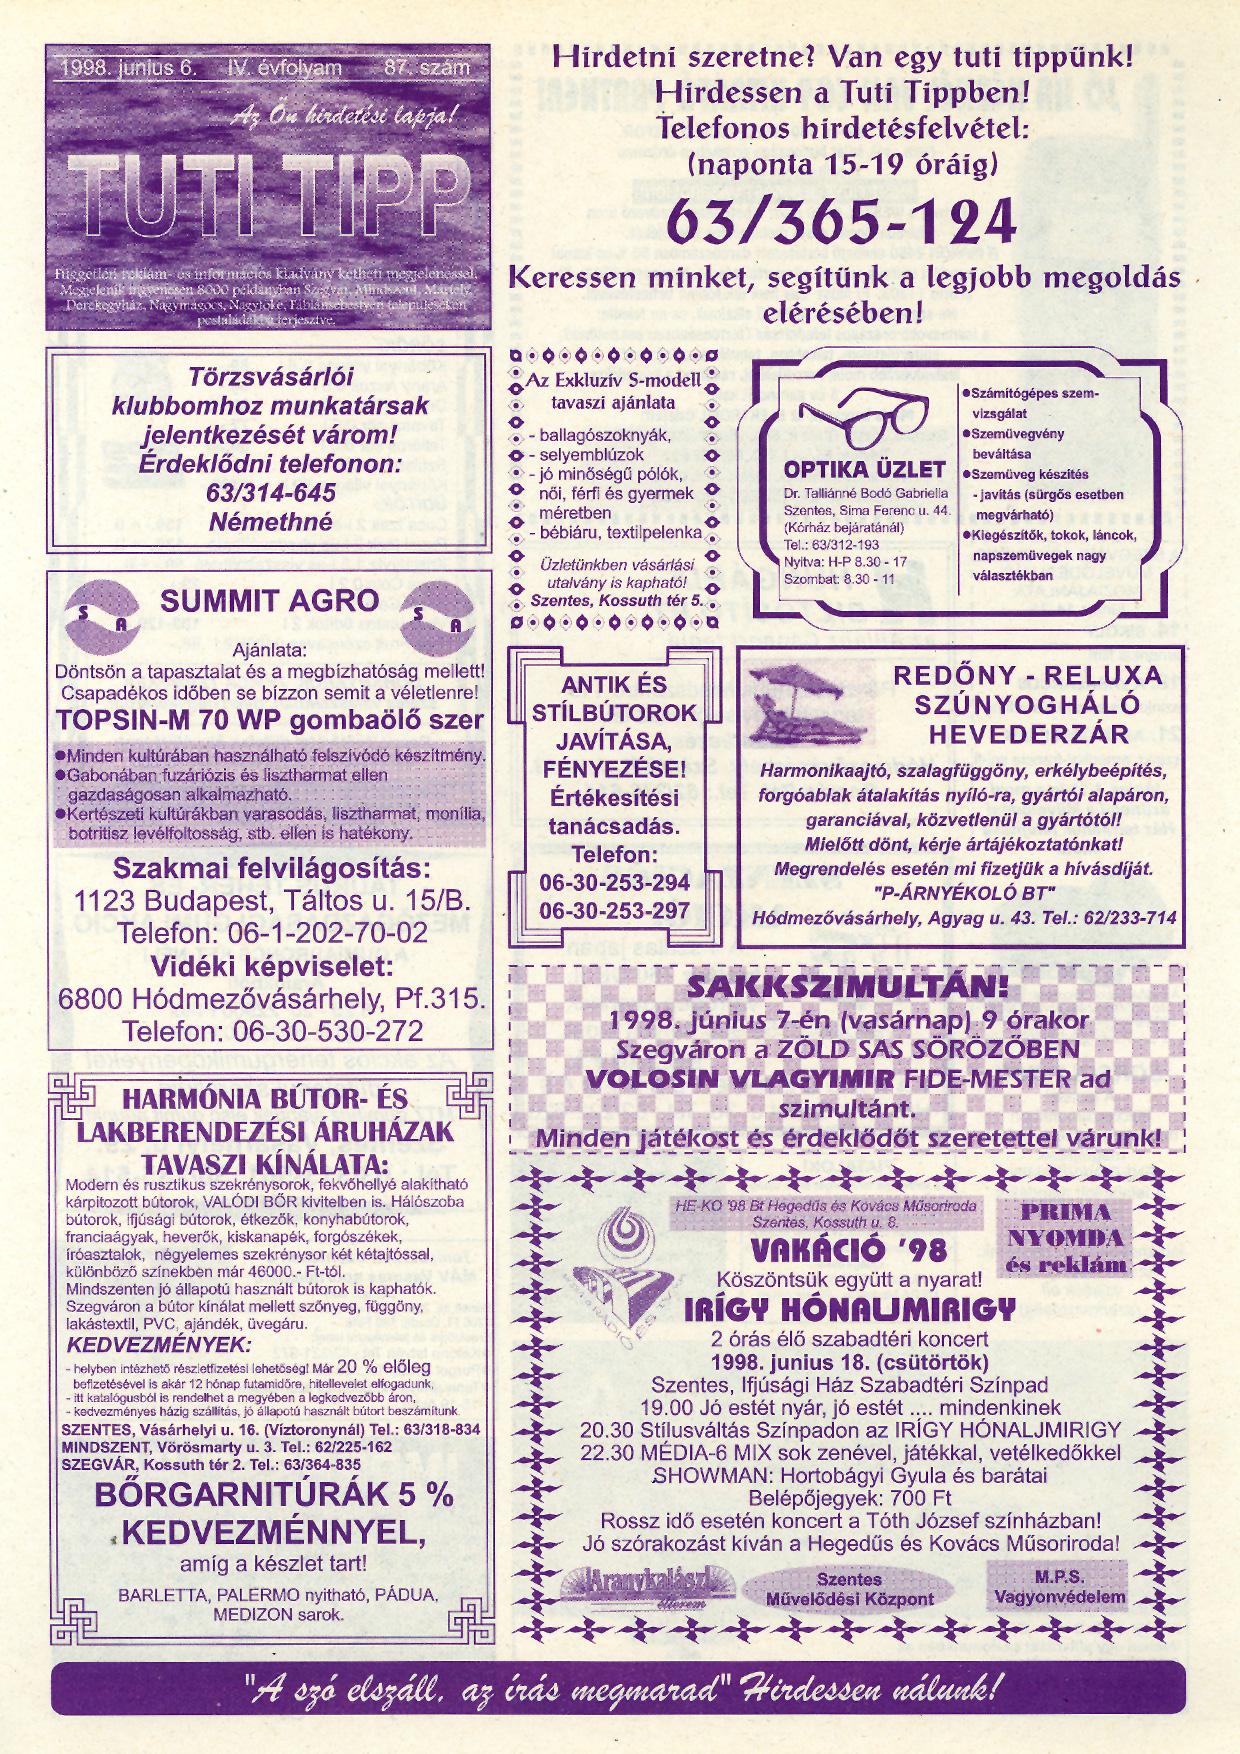 021 Tuti Tipp reklámújság - 19980606-087. lapszám - 1.oldal - IV. évfolyam.jpg